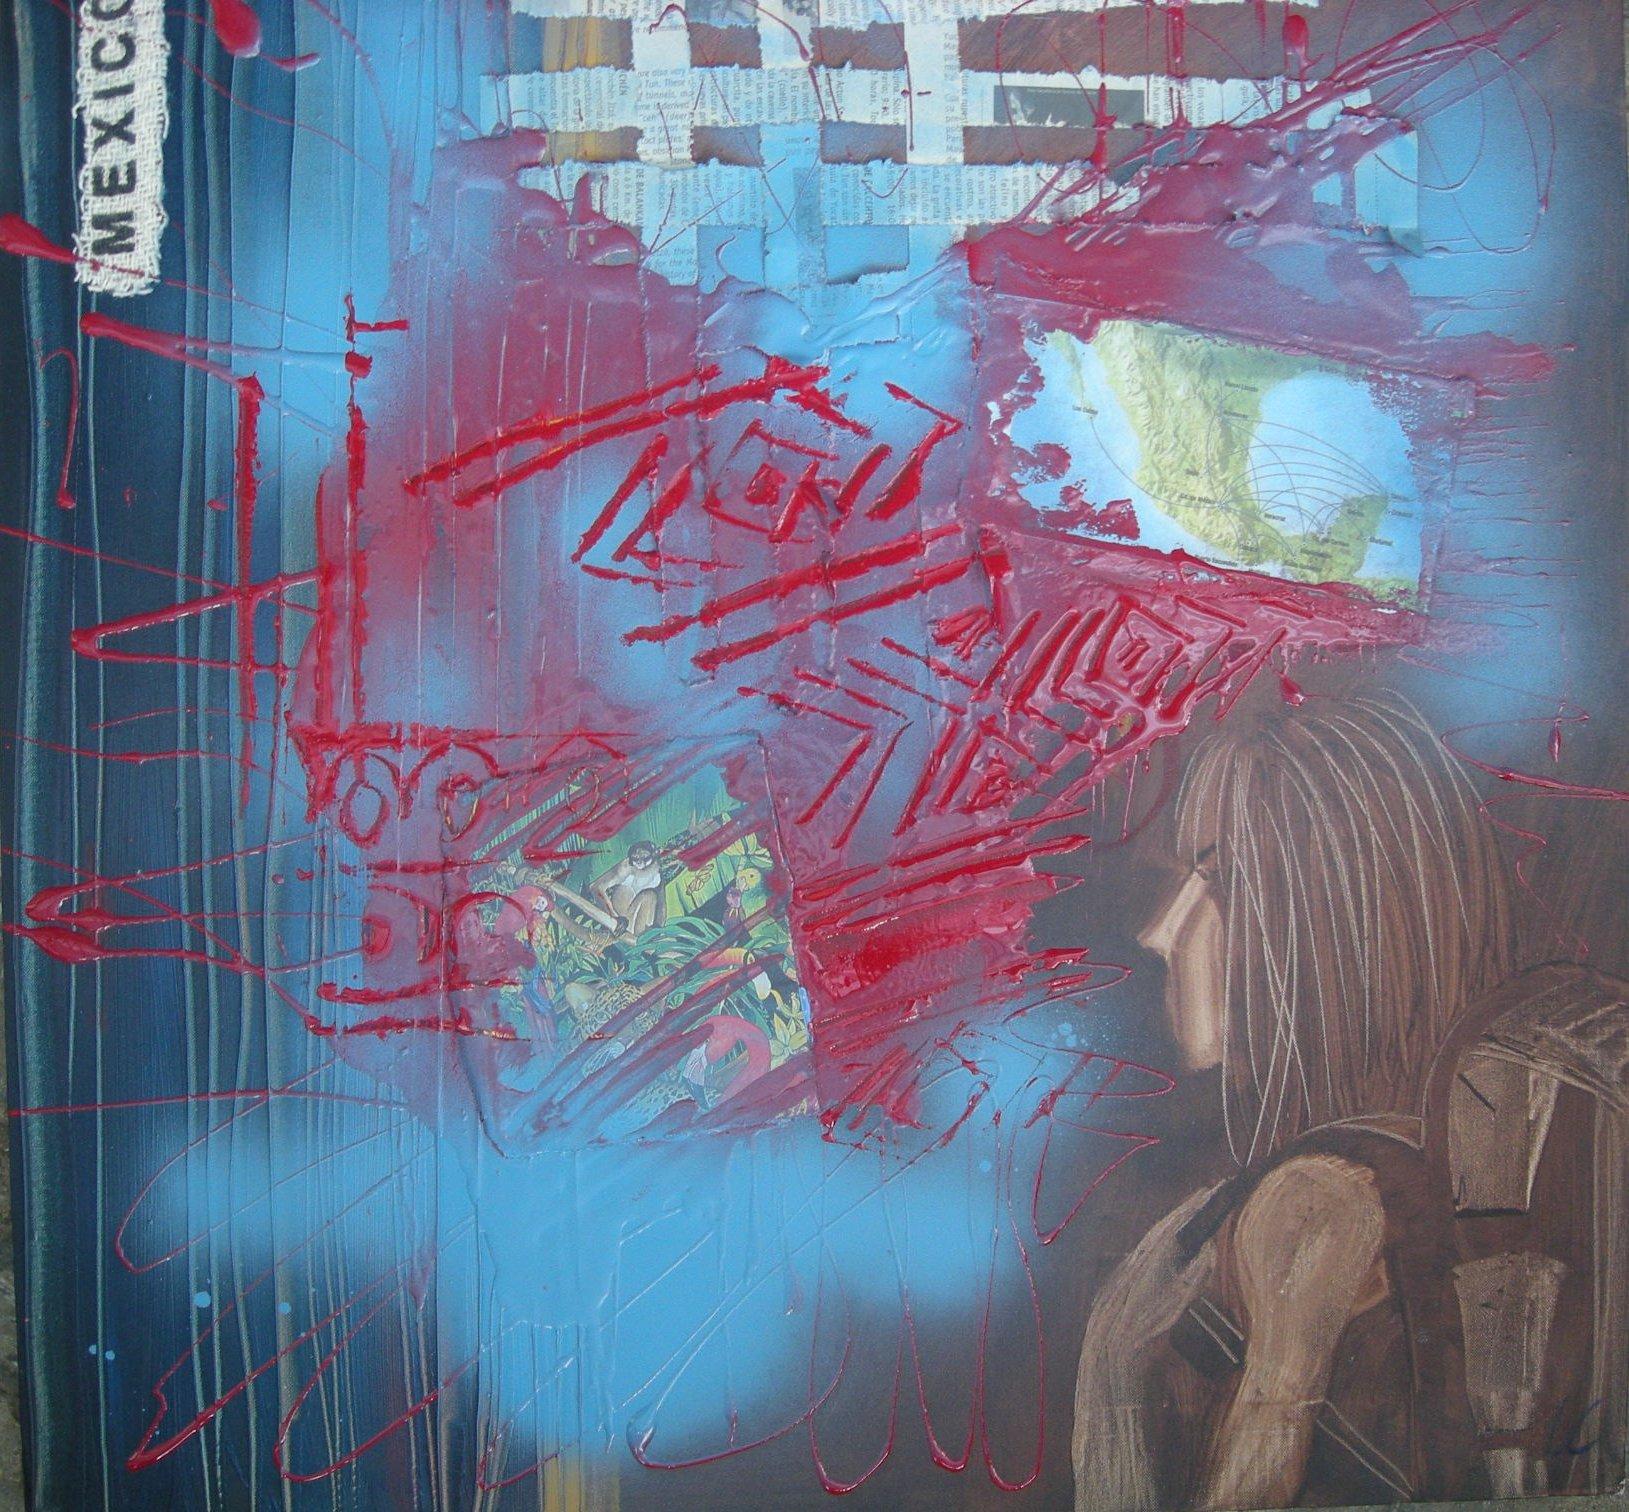 Diari di viaggio II . Tecnica mista su tela 50x50 cm - 2011